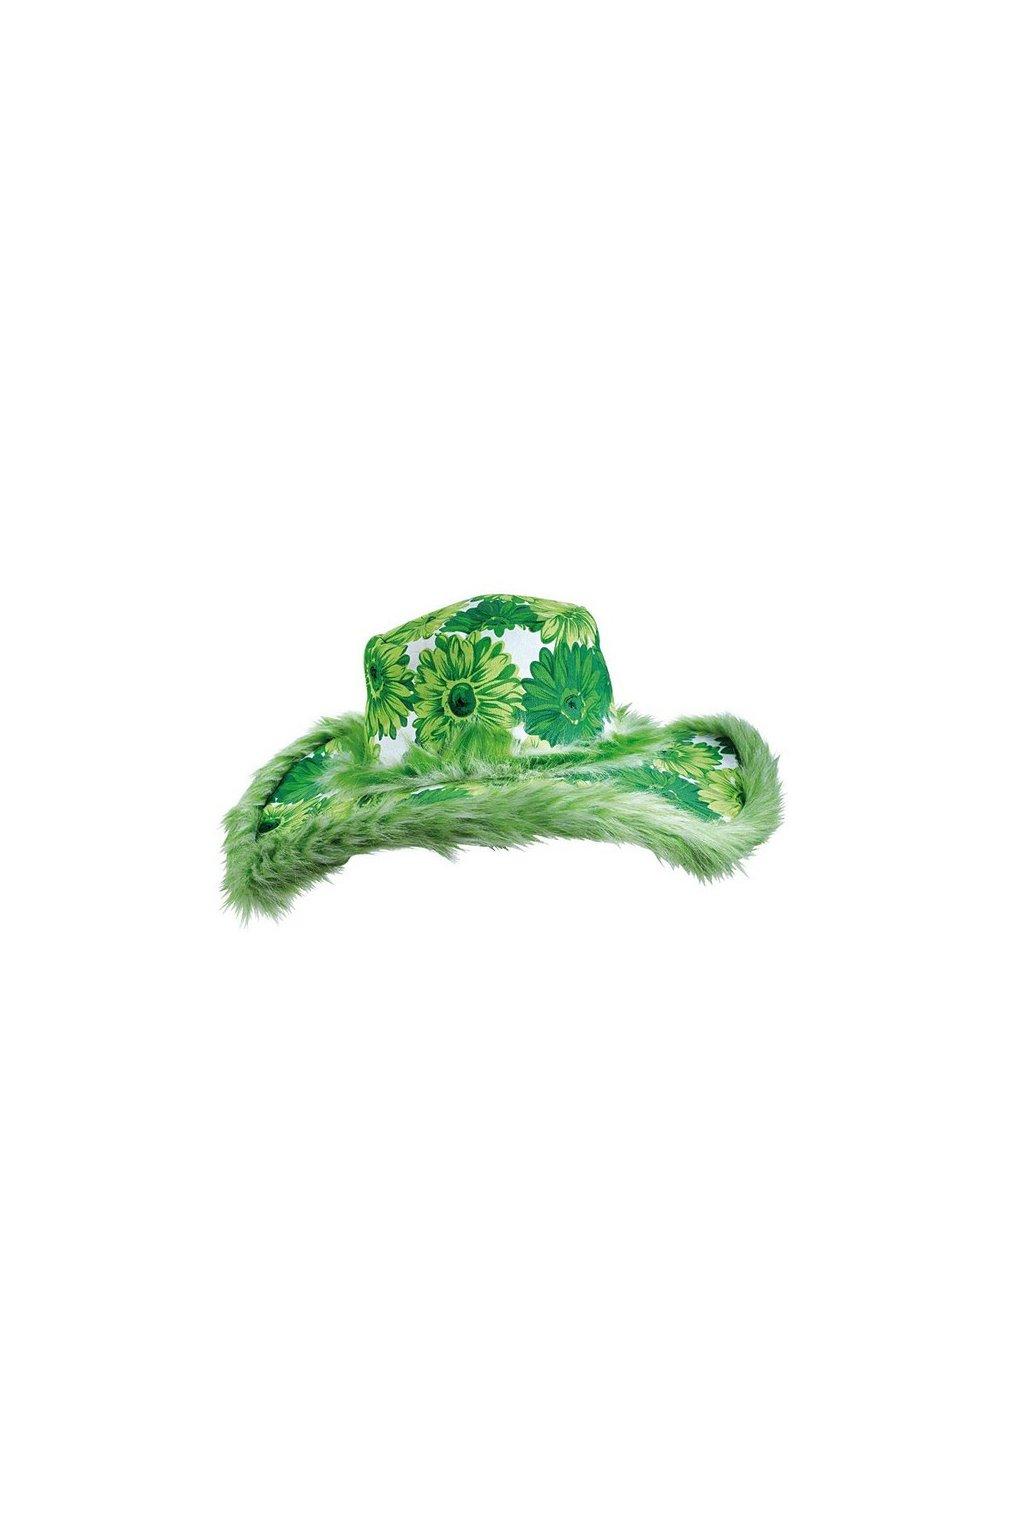 klobouk zeleny s kvety 4 465606 ru